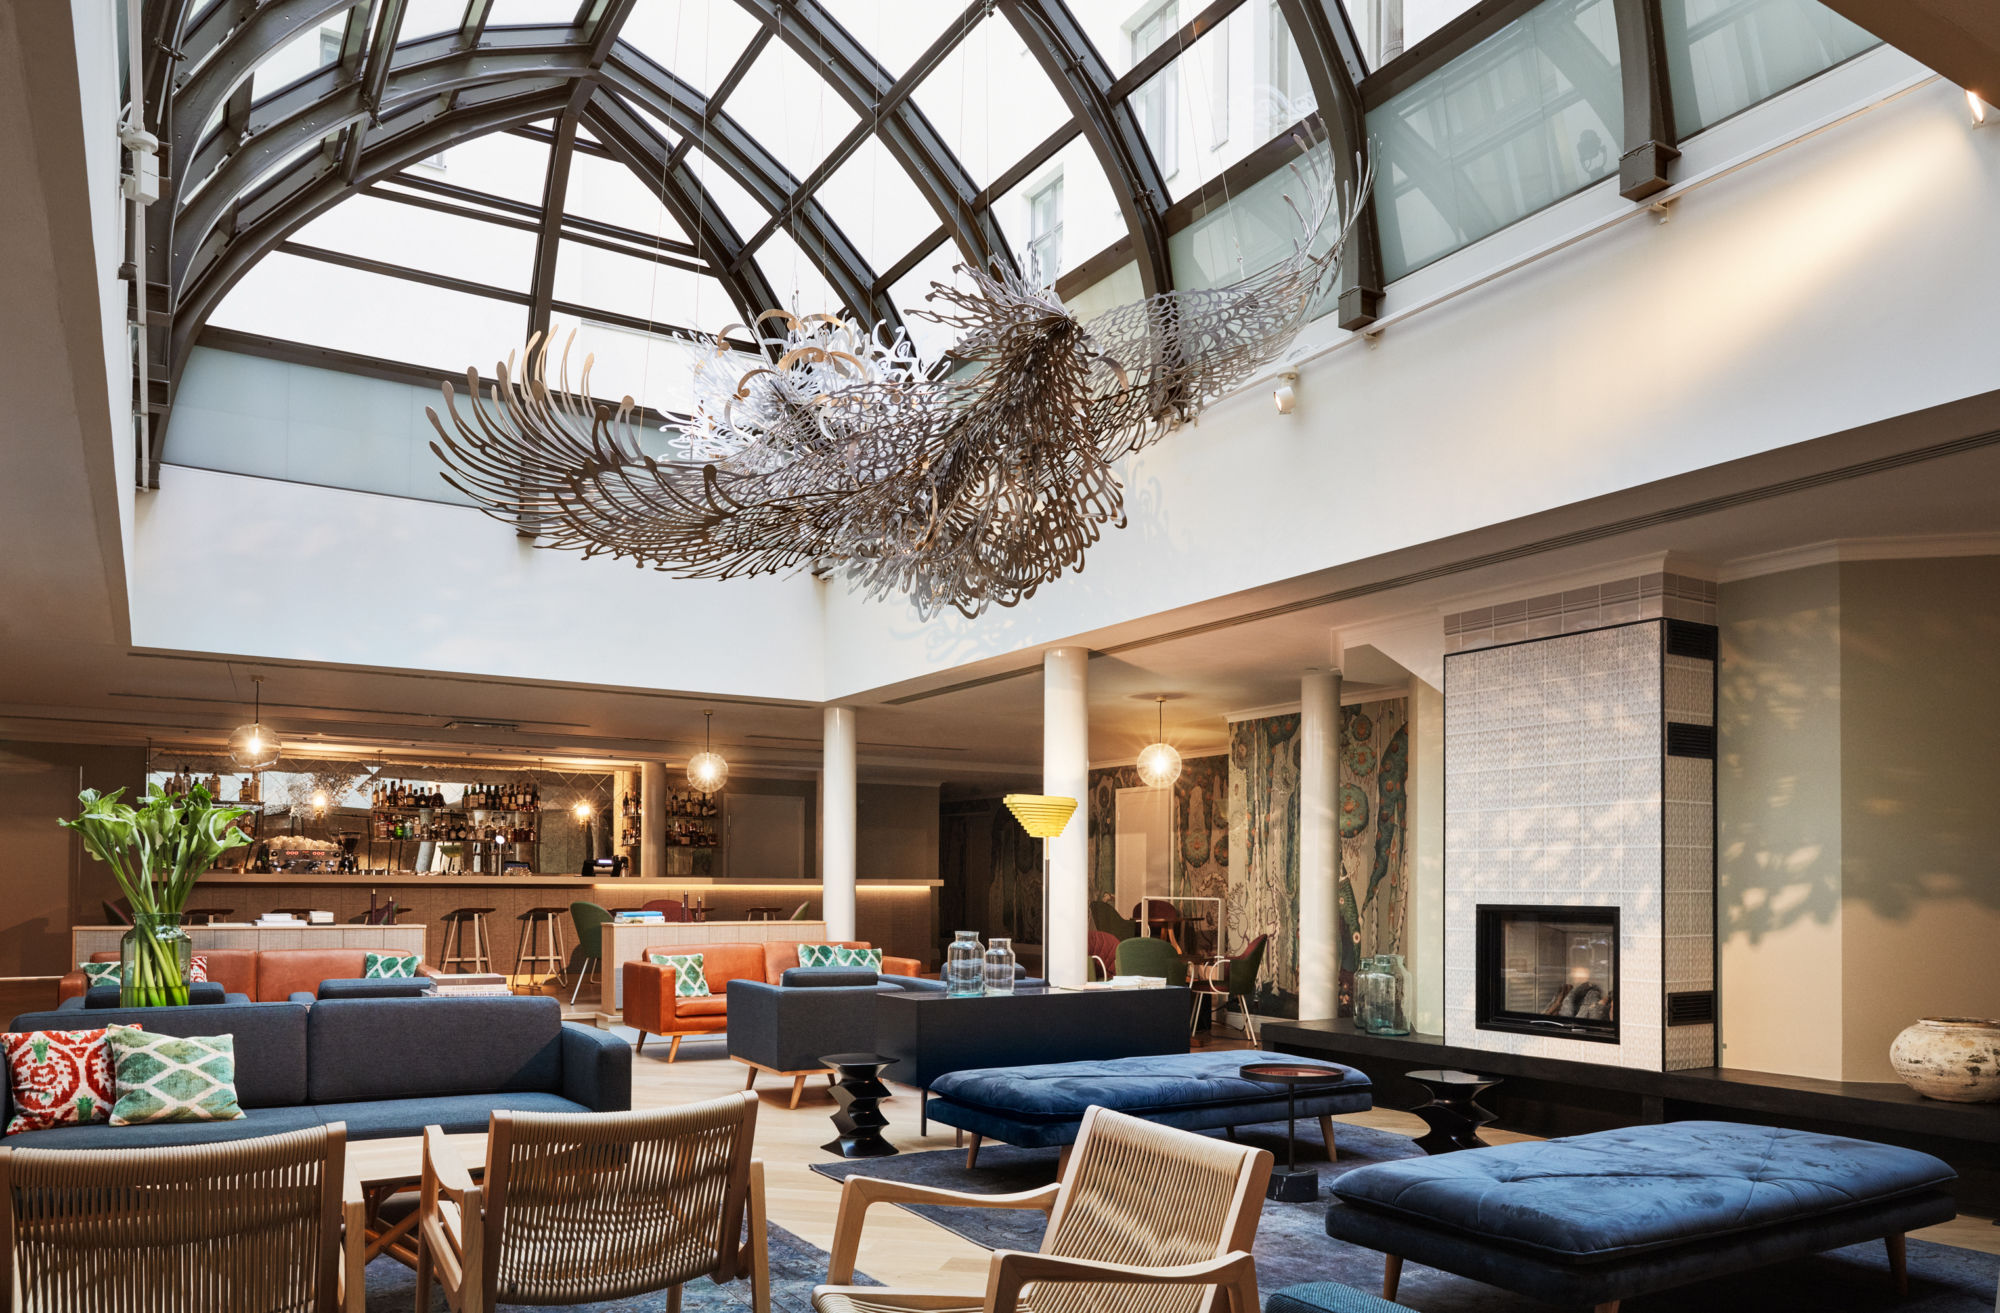 Hotel St  George Wintergarden in Helsinki